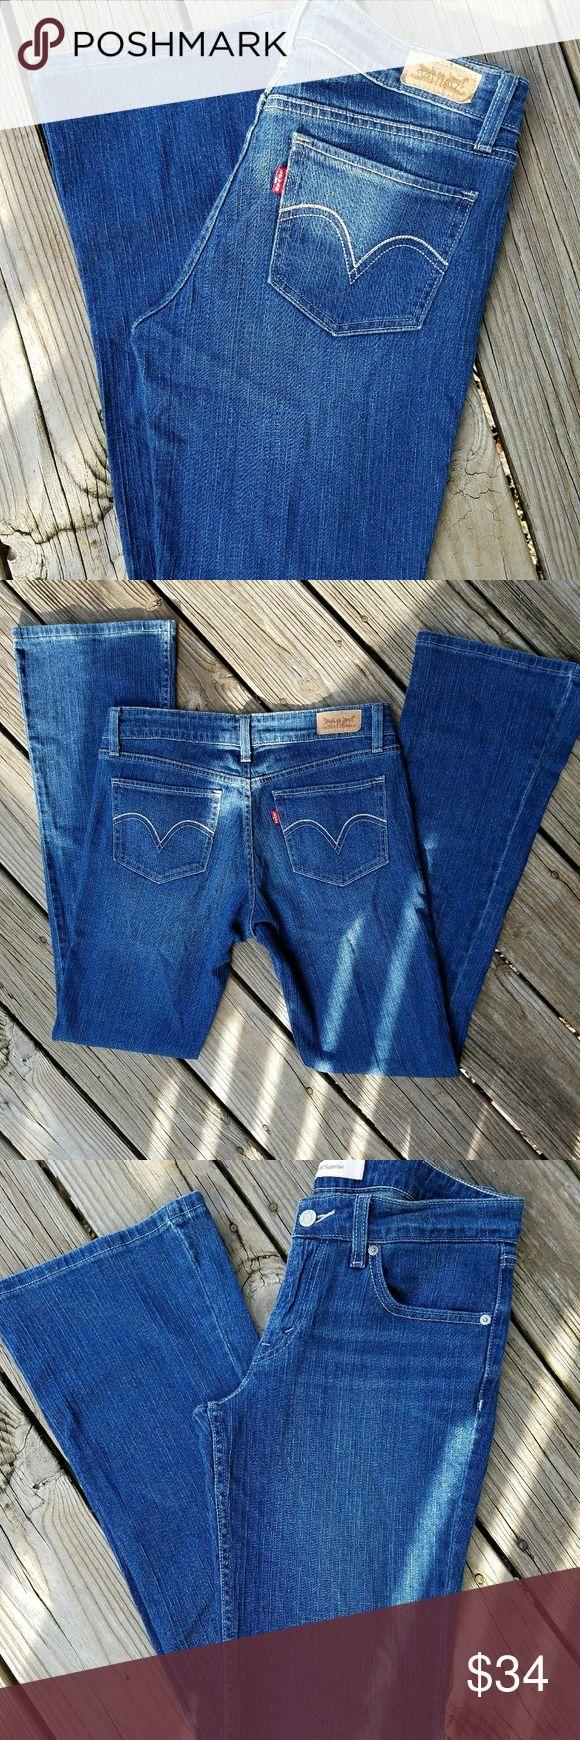 """Levis Super Low Rise Jeans Levis Super Low Rise Jeans Size 7 Long  Waist 28"""" Length 34""""  Boot Cut  Like New Condition Levis Jeans Boot Cut"""